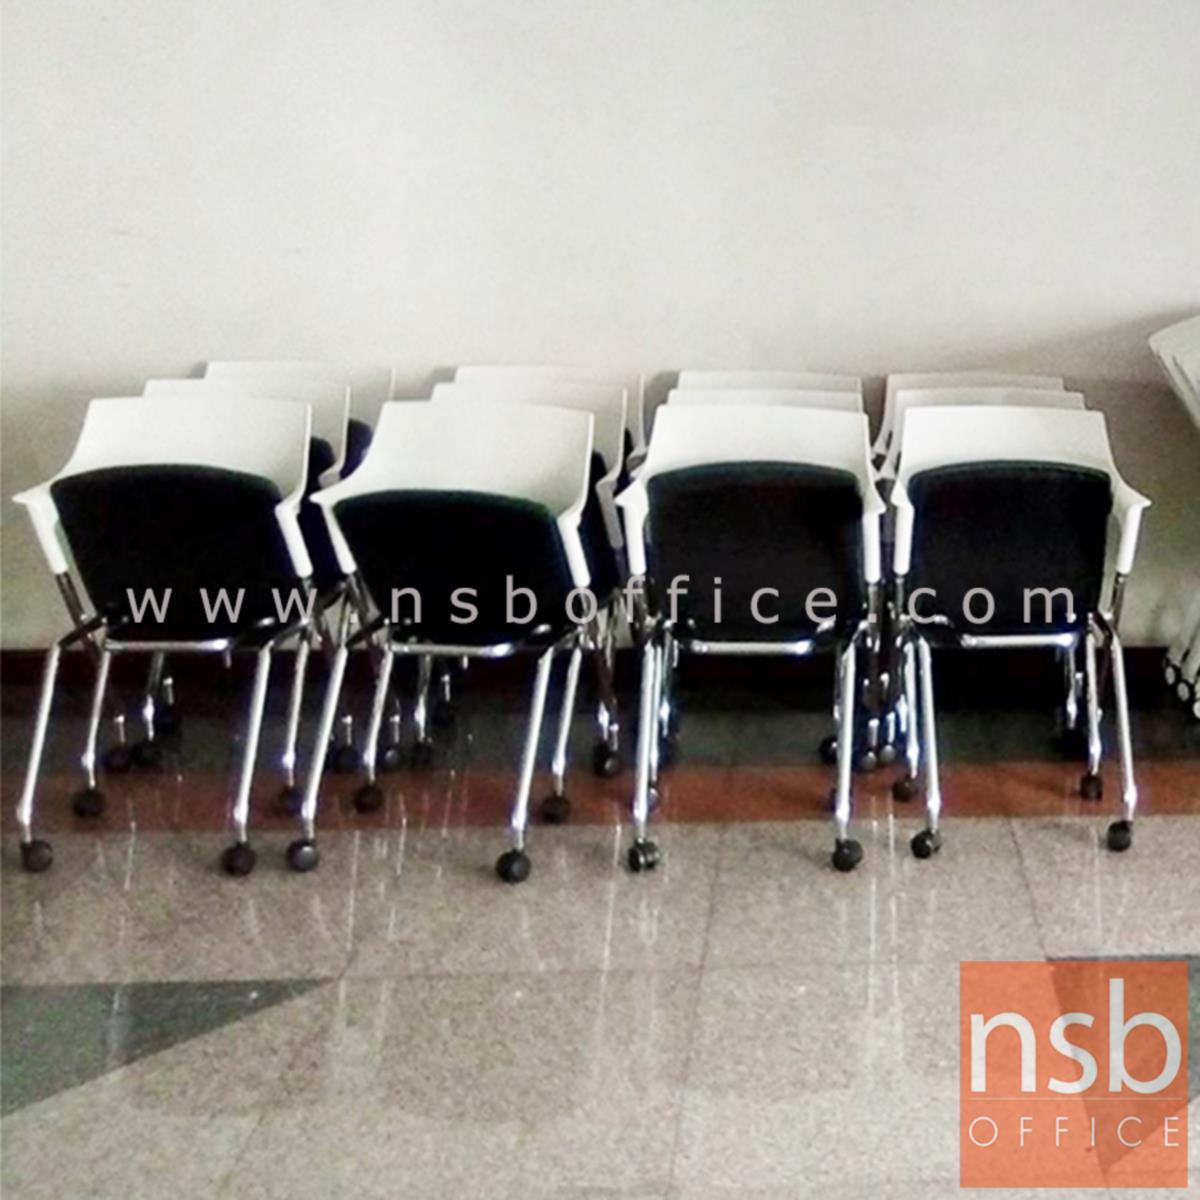 เก้าอี้อเนกประสงค์โพลี่ล้วน รุ่น Blue Bell (บลู เบล)  โครงขาเหล็กชุบโครเมี่ยม